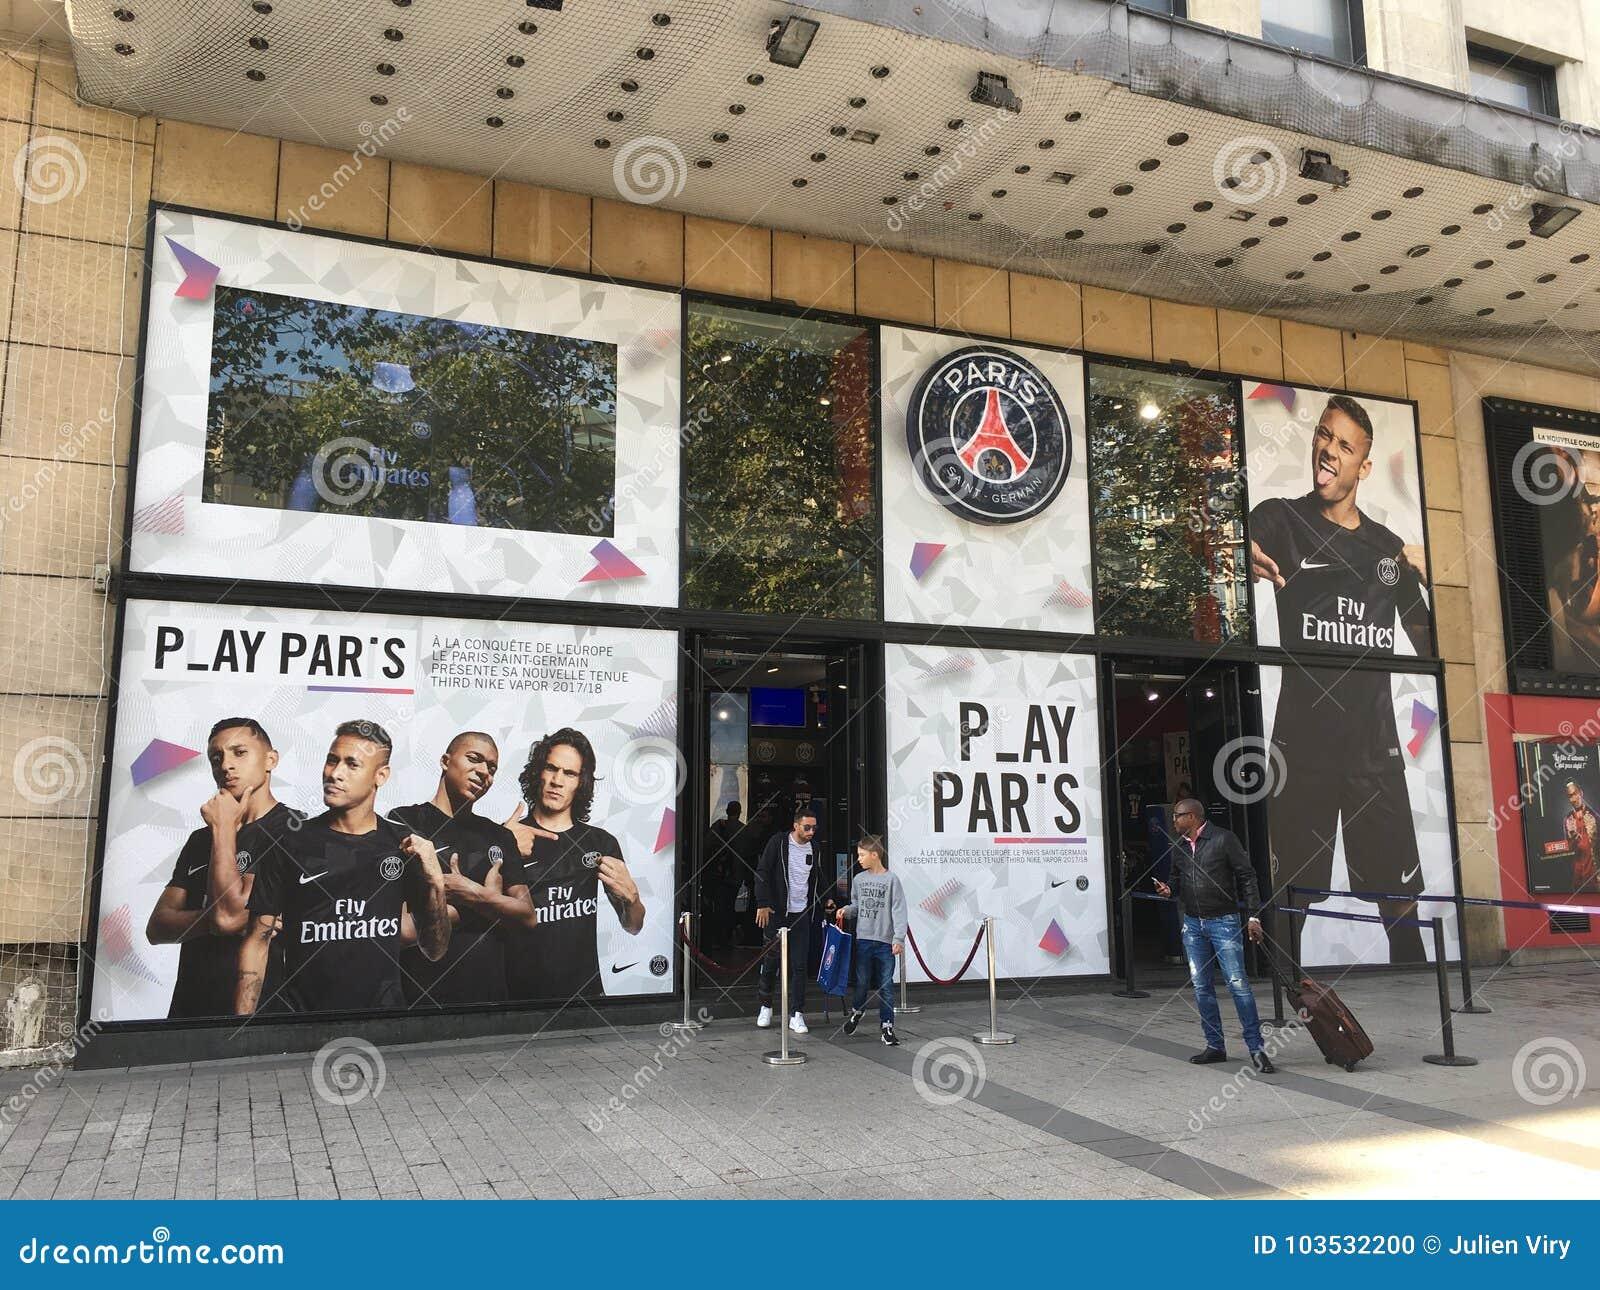 PSG Official Shop On Les Champs Elysees Paris France